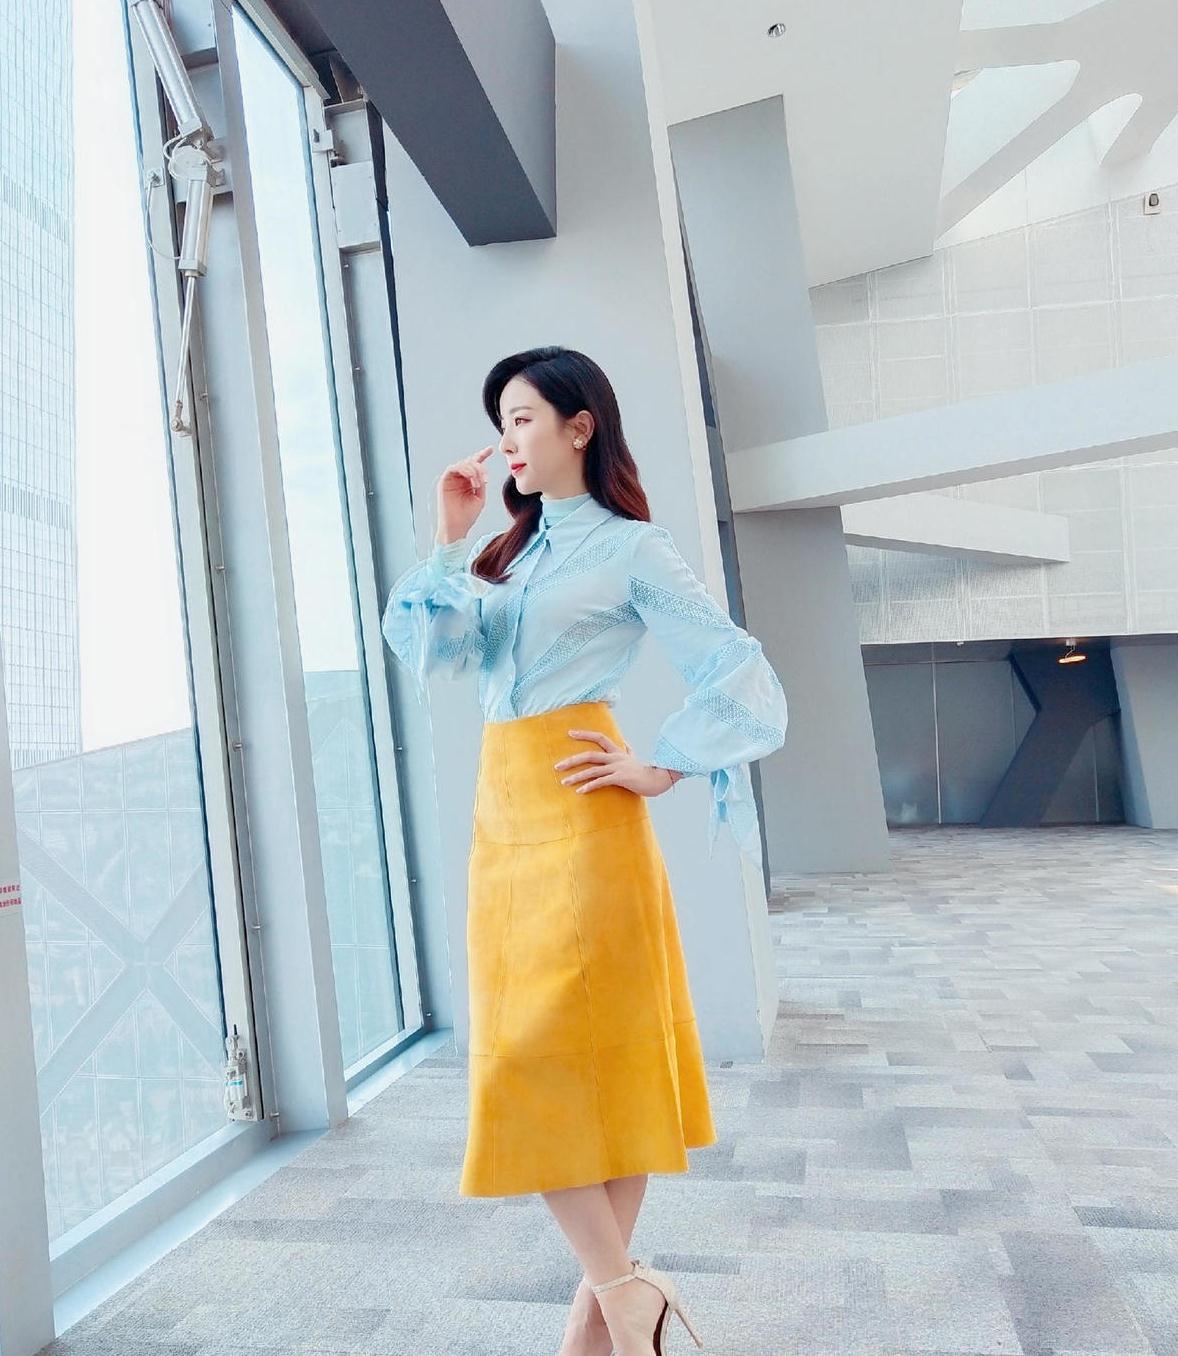 主持人李思思气质也太好了,穿浅蓝色衬衫配黄裙子,看着真高级